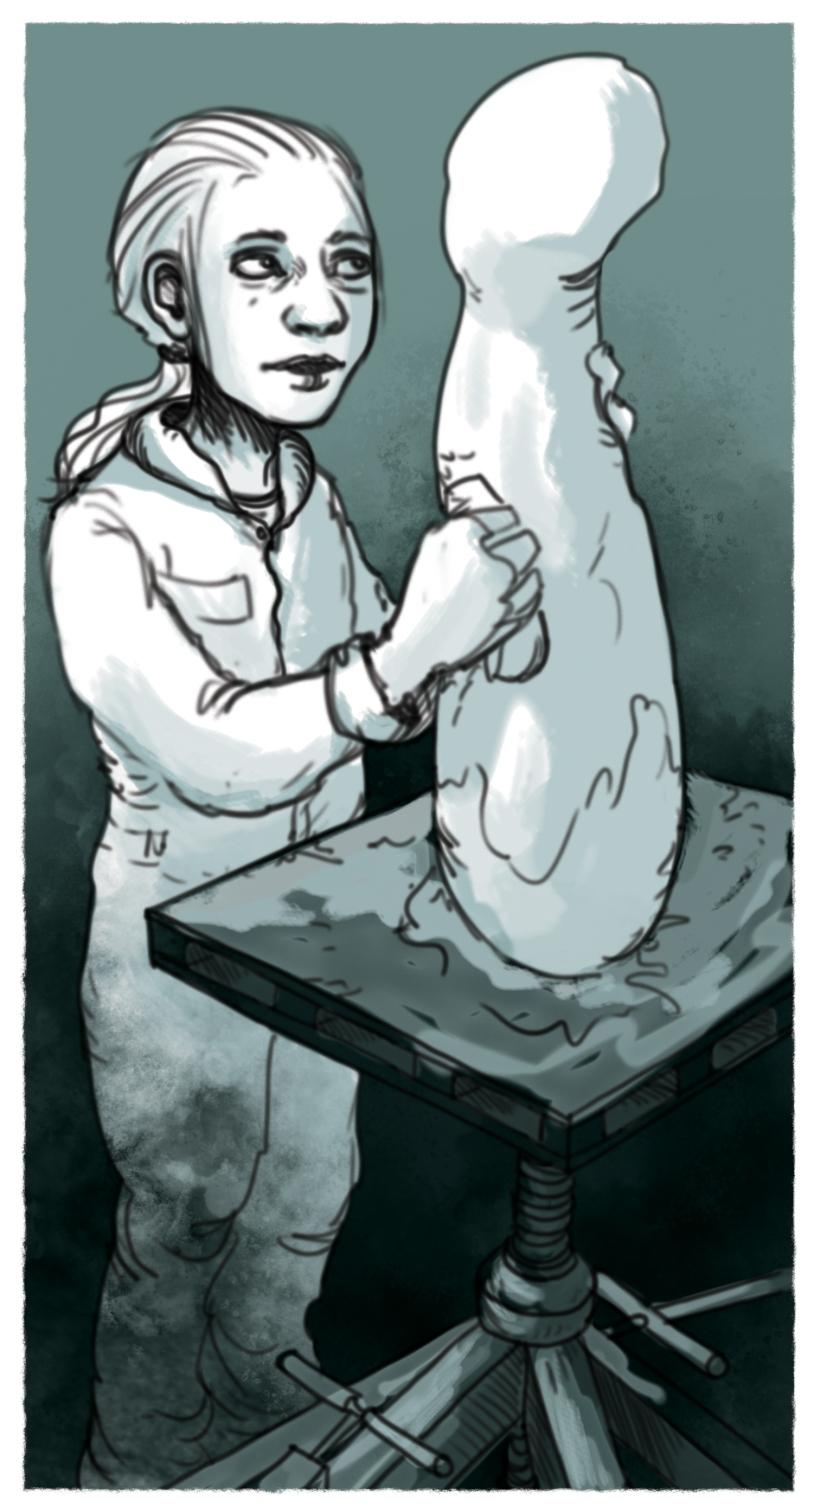 sculpter 2